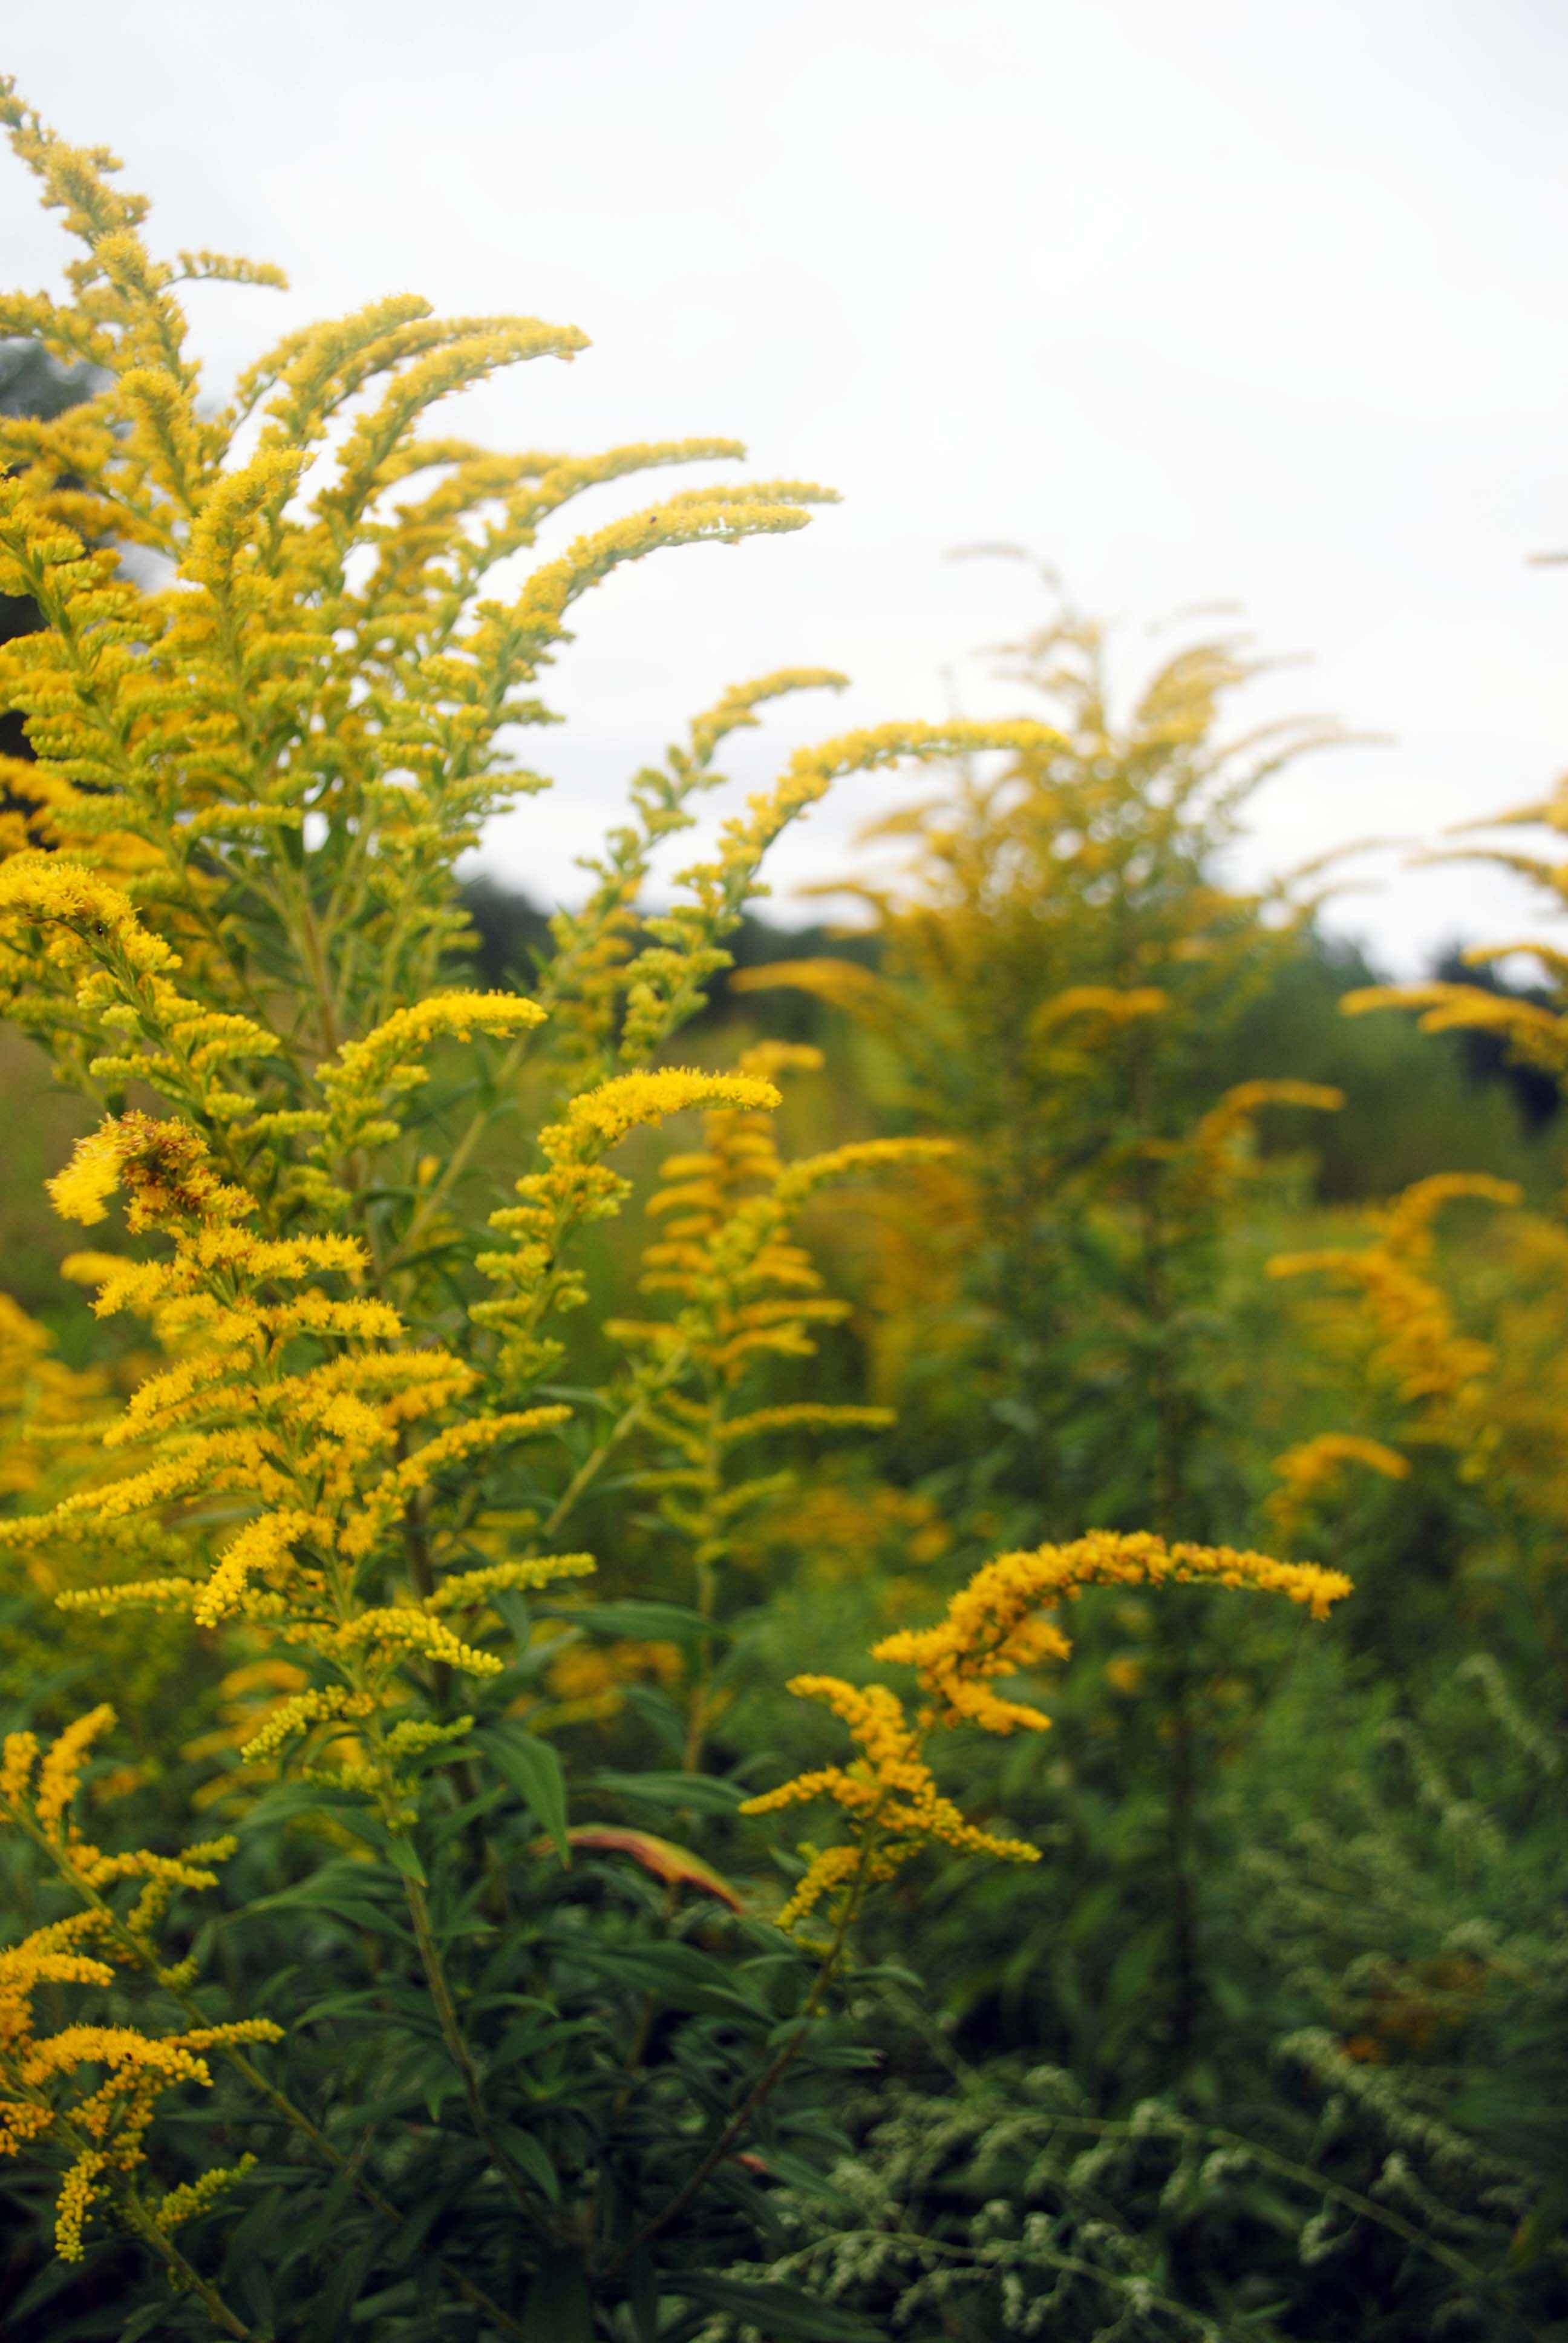 Fiori Di Campo Gialli.Foto Gratis Giallo Verga D Oro Fiore Di Campo